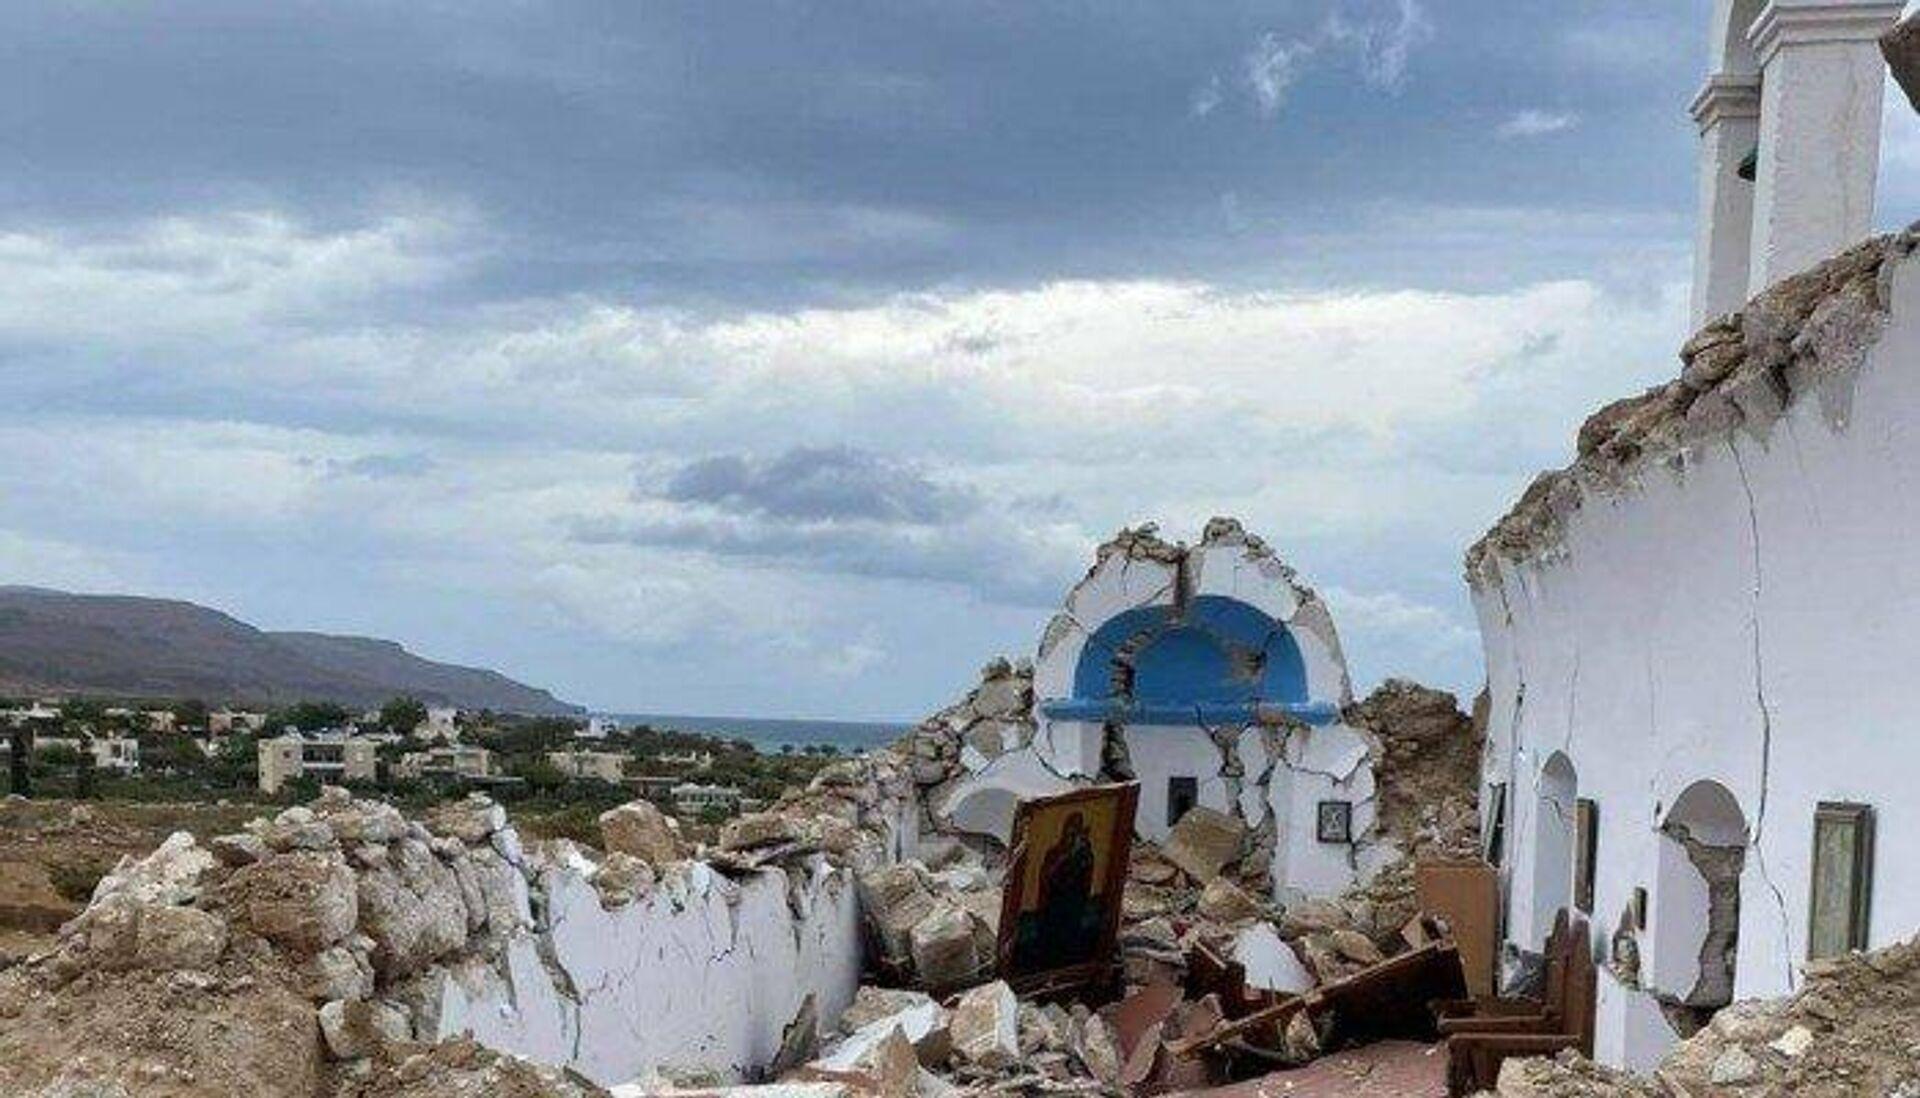 Κατέρρευσε εκκλησία στη Σητεία - Sputnik Ελλάδα, 1920, 12.10.2021